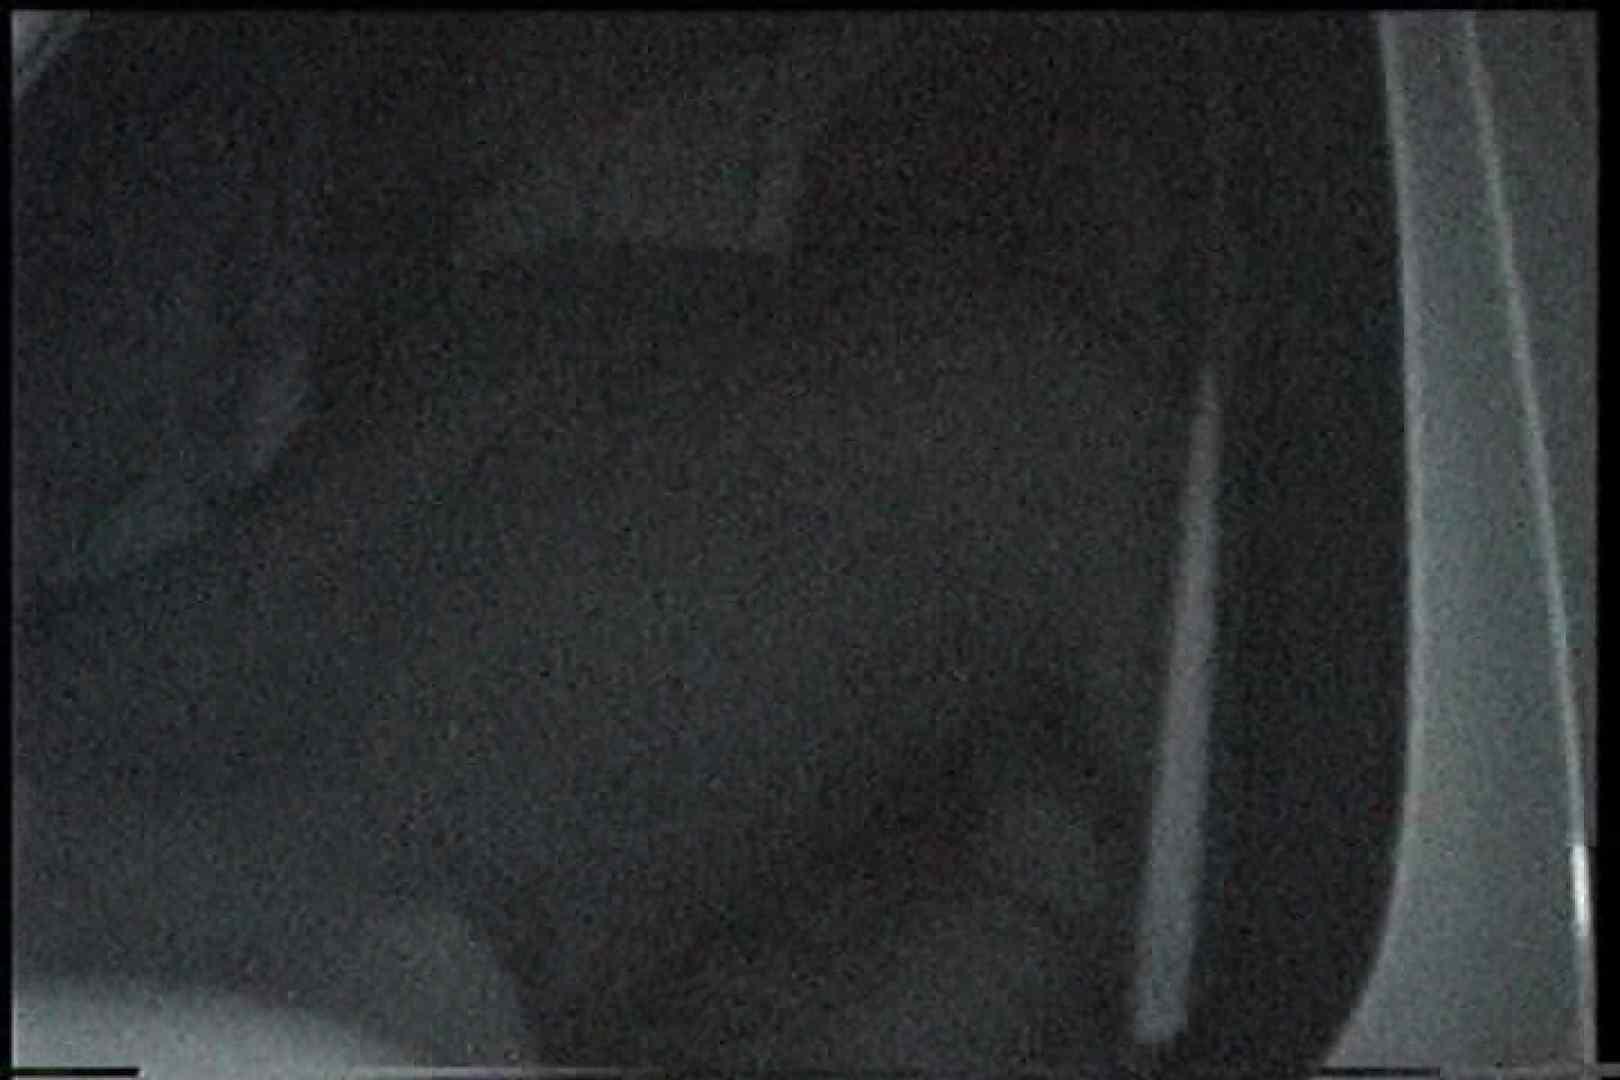 充血監督の深夜の運動会Vol.177 前編 エロティックなOL   カップル盗撮  88画像 81